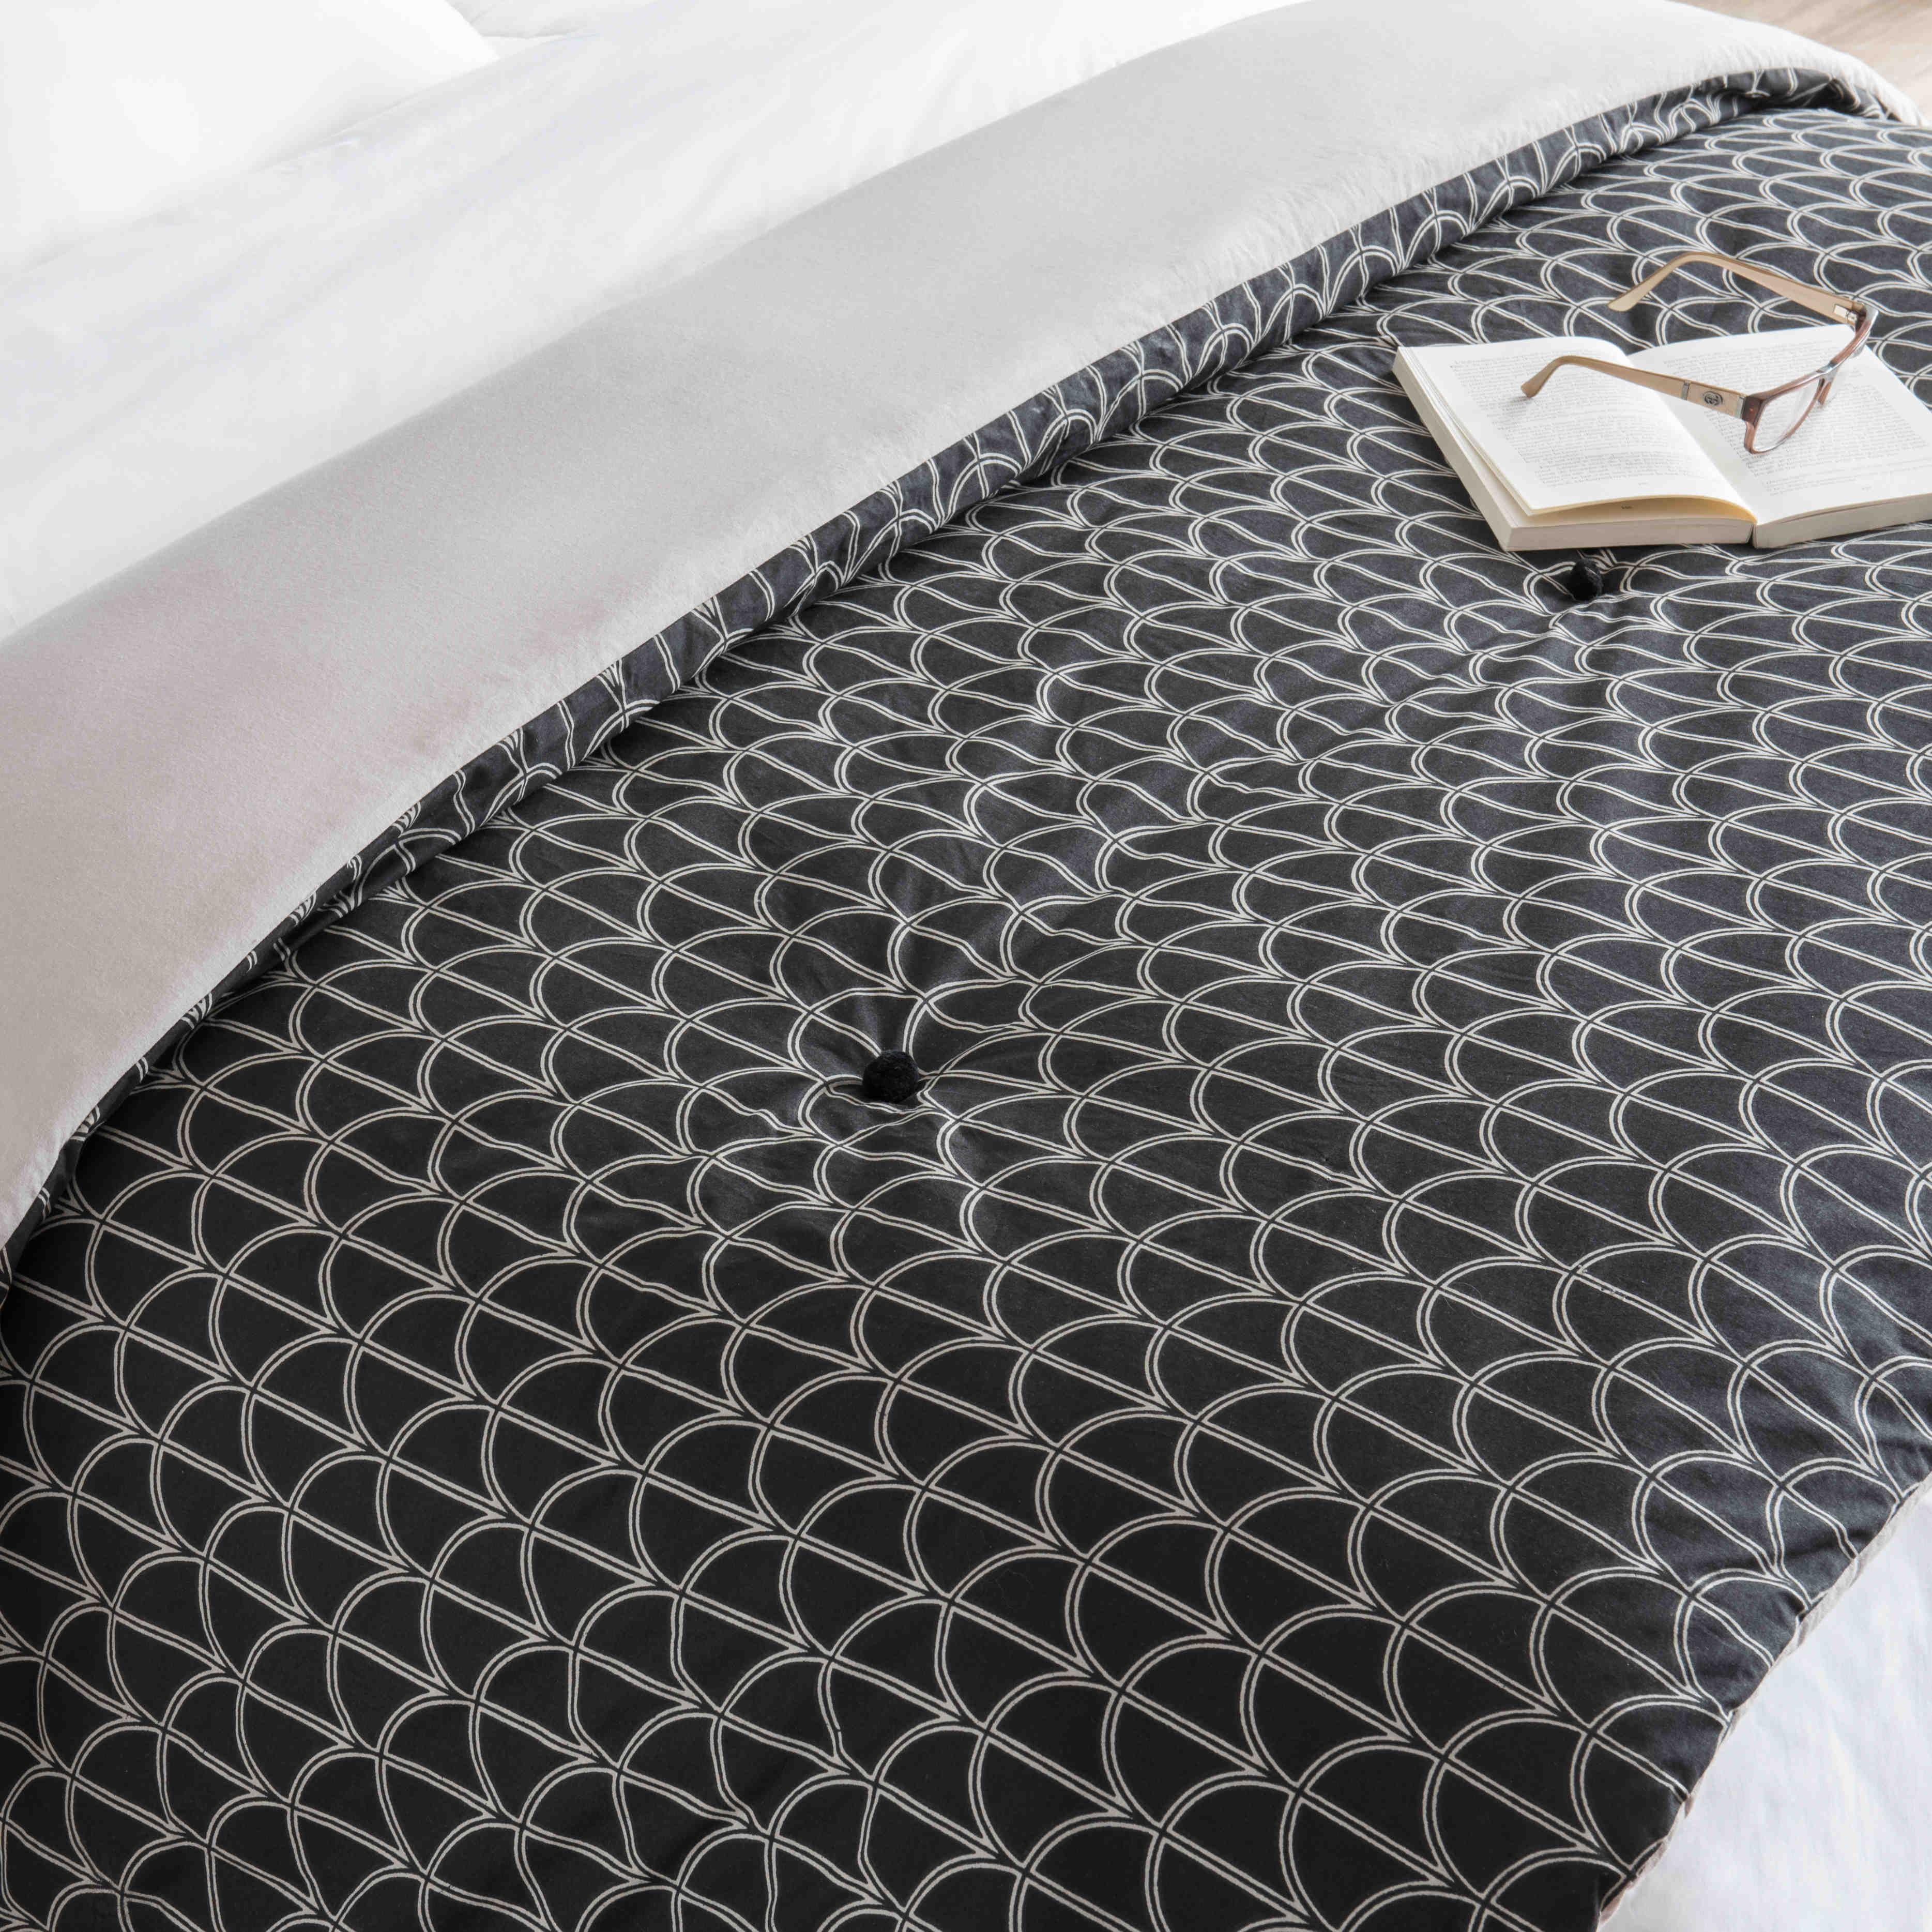 Boutis En Coton Motifs Noirs Et Blancs 130x200cm Maisons Du Monde Motifs Noir Et Blanc Motif Noir Noir Et Blanc